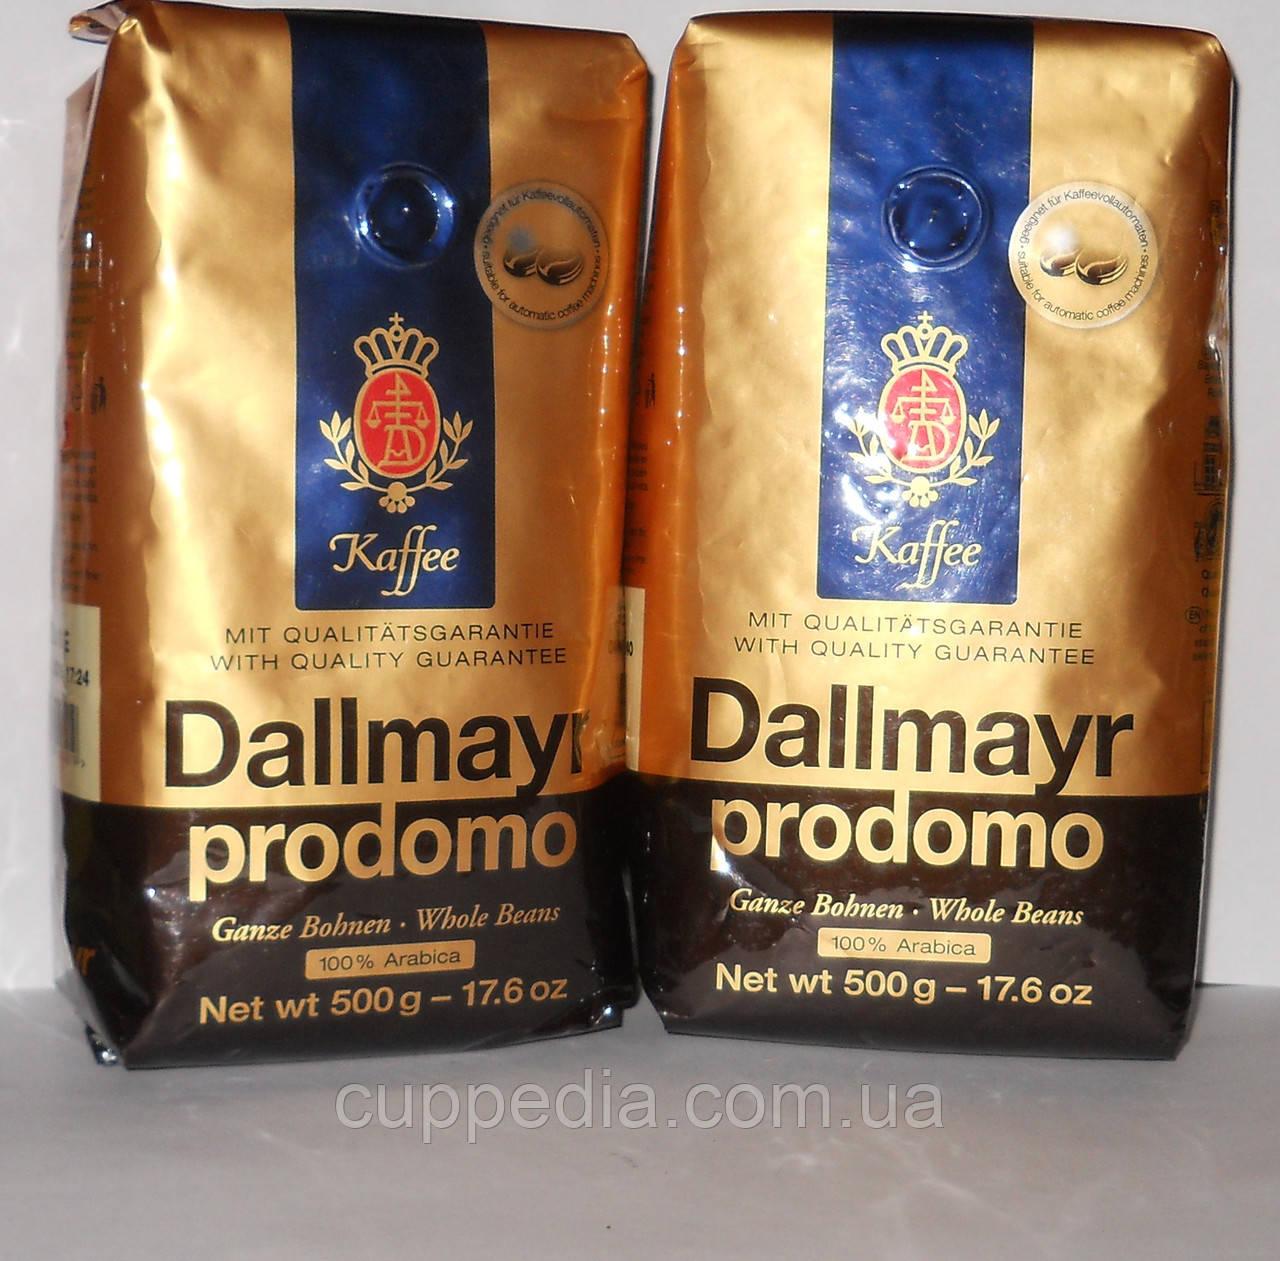 Кофе в зернах Dallmayr Prodomo - Cuppedia в Одессе